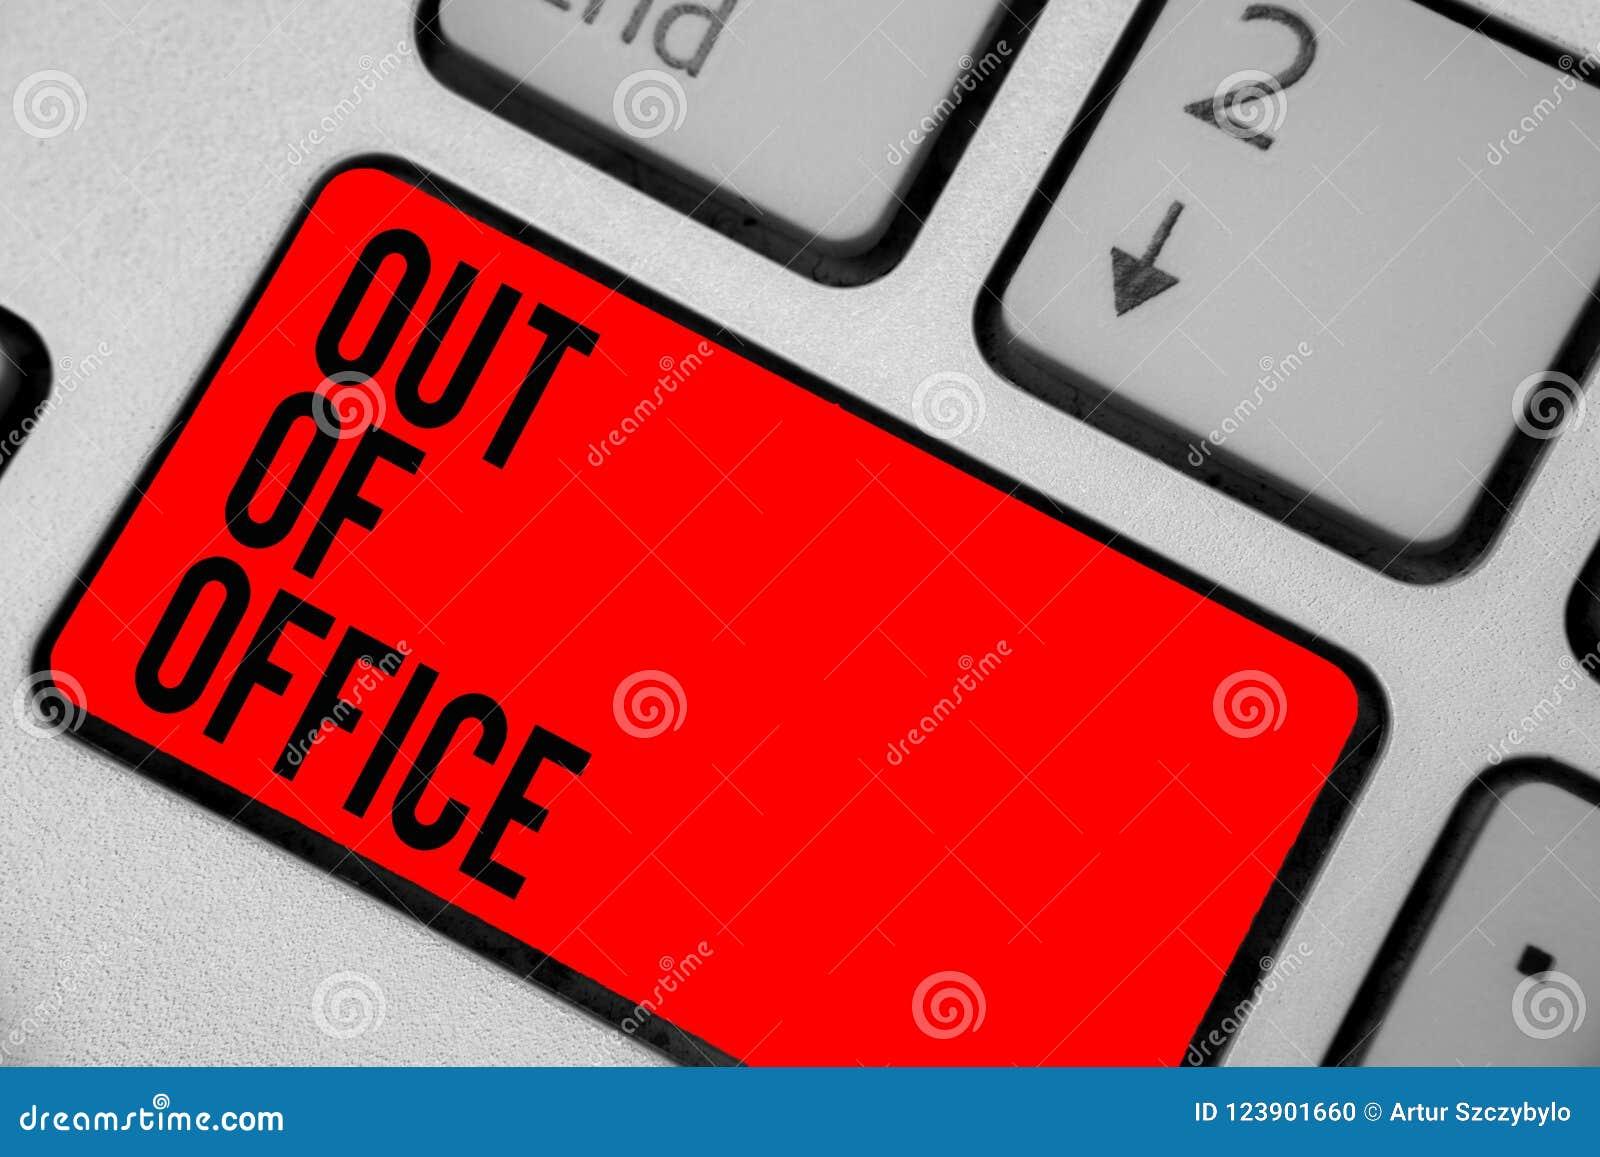 Begreppsmässig handhandstilvisning ut ur kontor Affärsfototext utanför jobbet inget i affärsavbrottsfritid kopplar av tidtangent